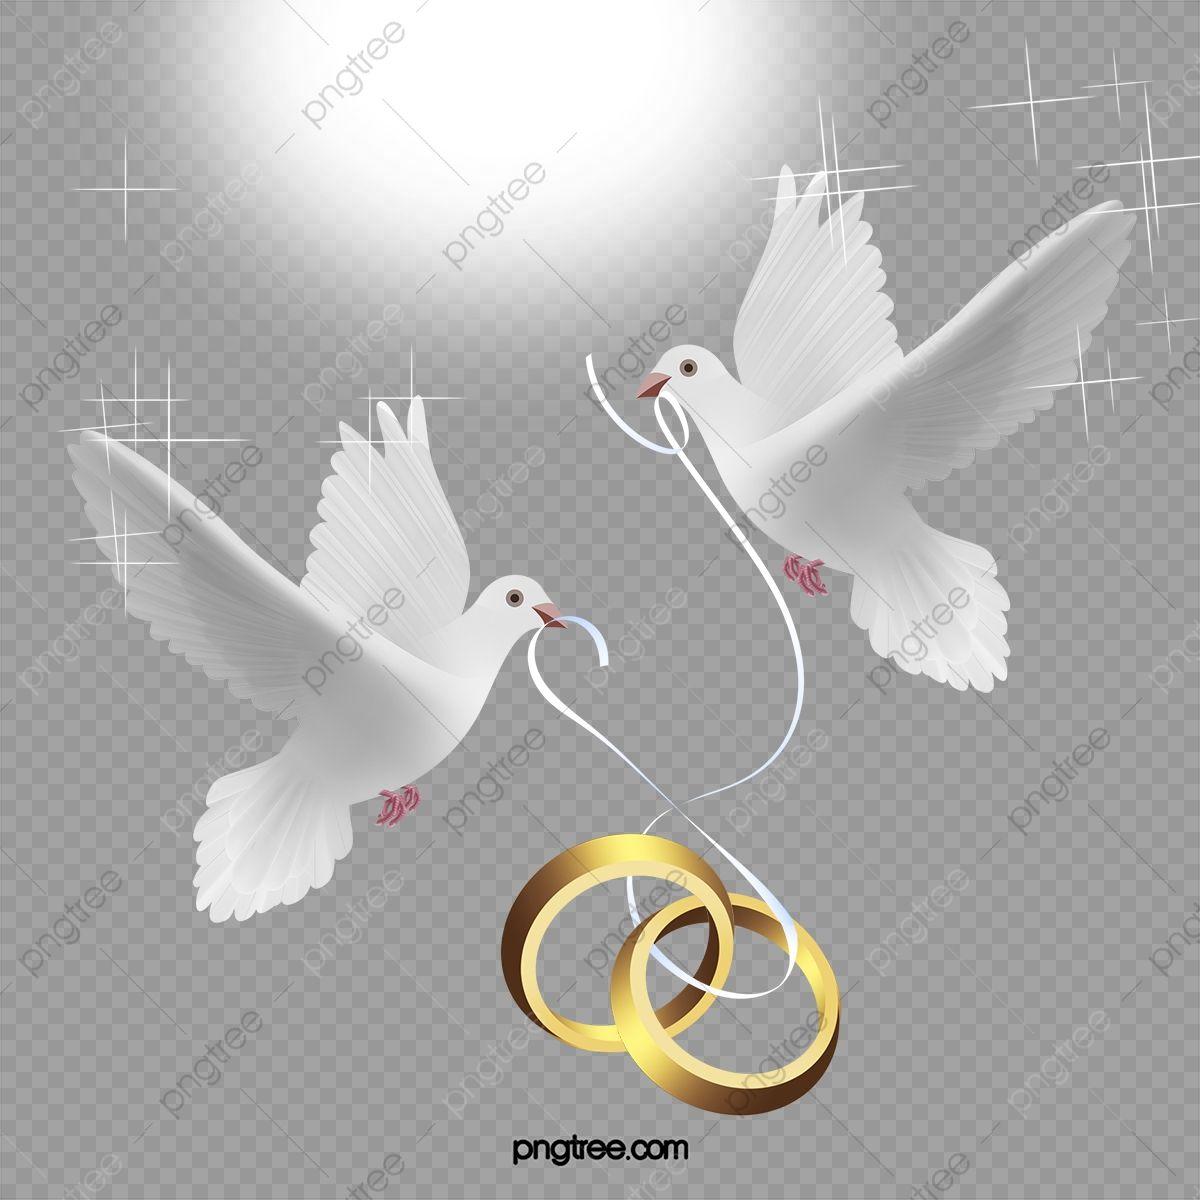 ناقلات خاتم الزواج عالية الدقة جميلة حمامة Png وملف Psd للتحميل مجانا In 2021 Clip Art Vector Wedding Rings